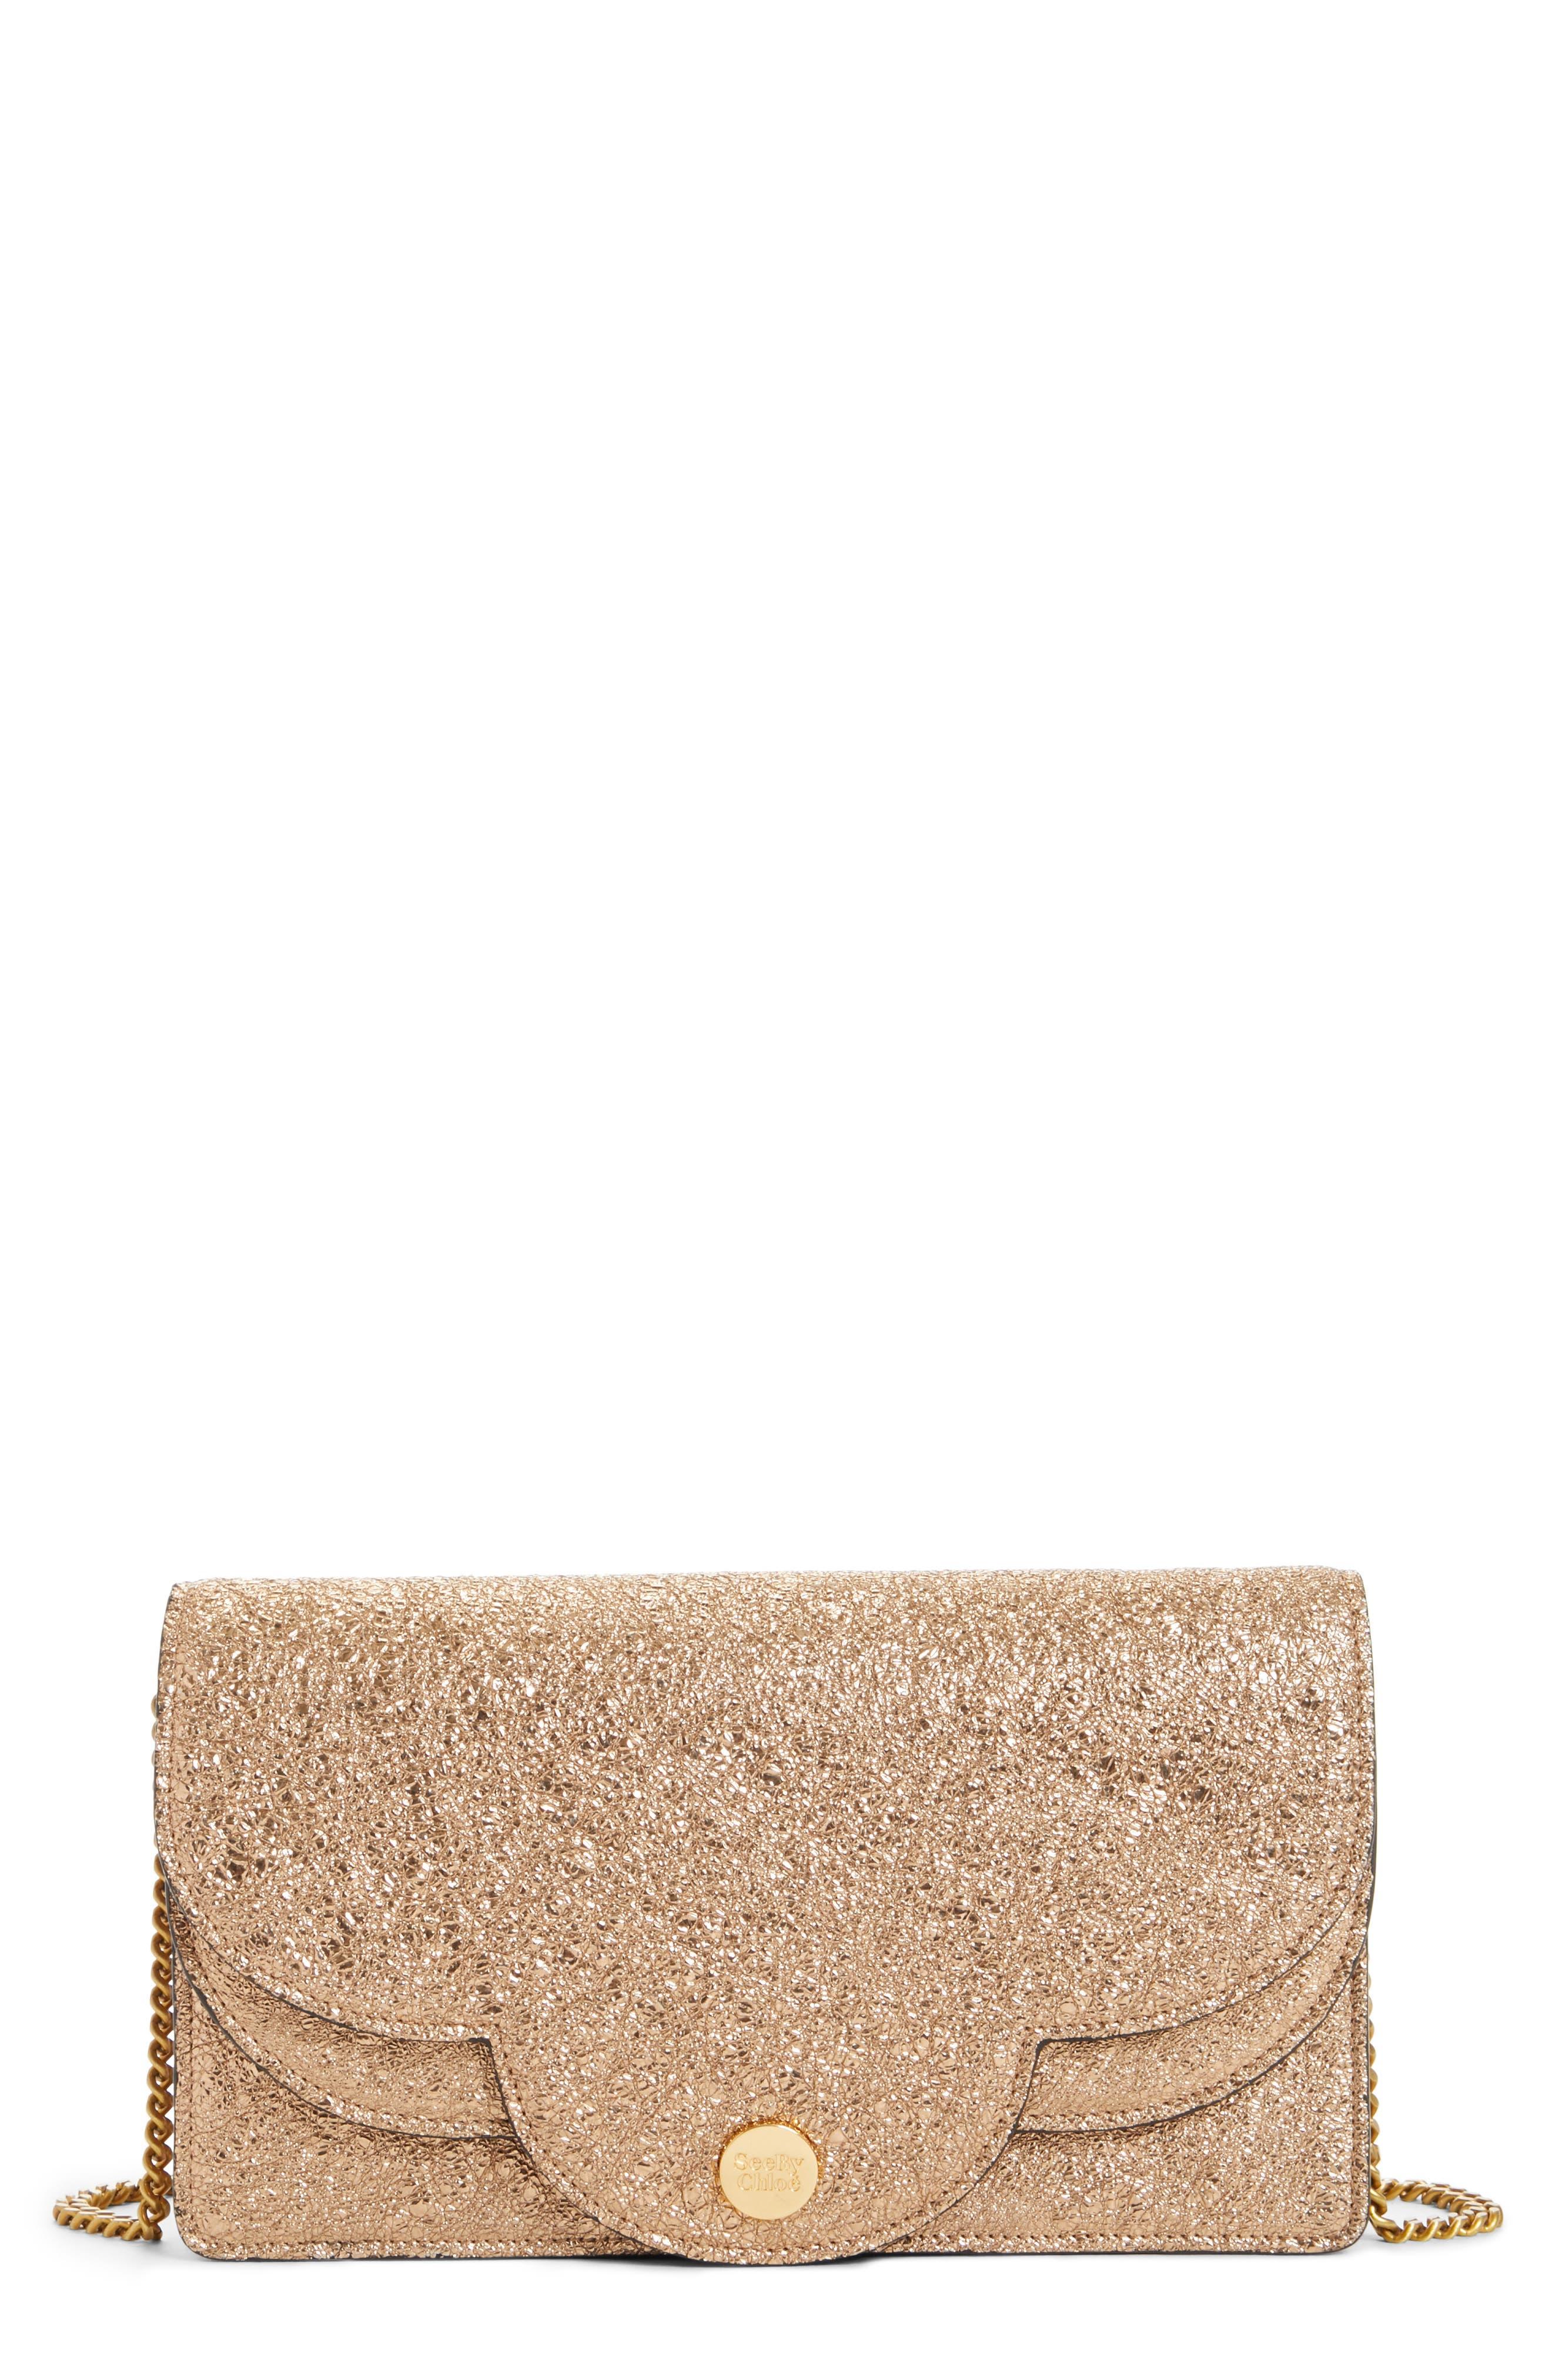 Polina Leather Chloé By Crossbody Metallic Clutch See 4Ug80qx8w